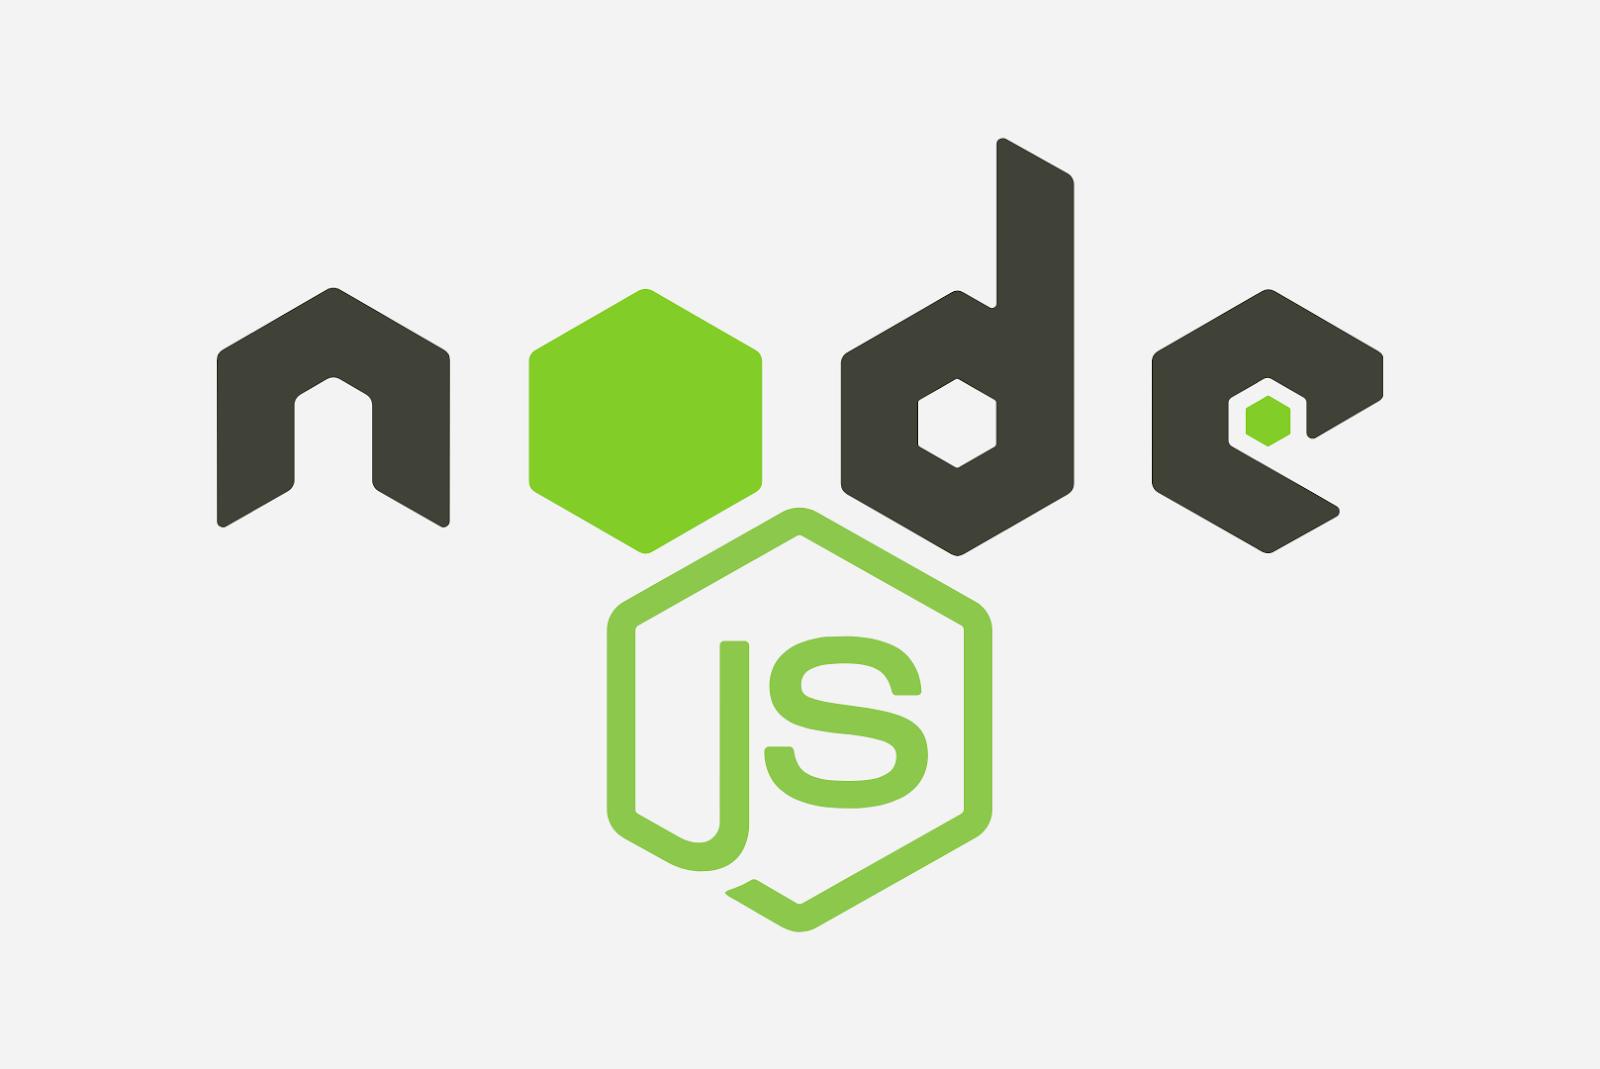 Node.js popularity in 2020